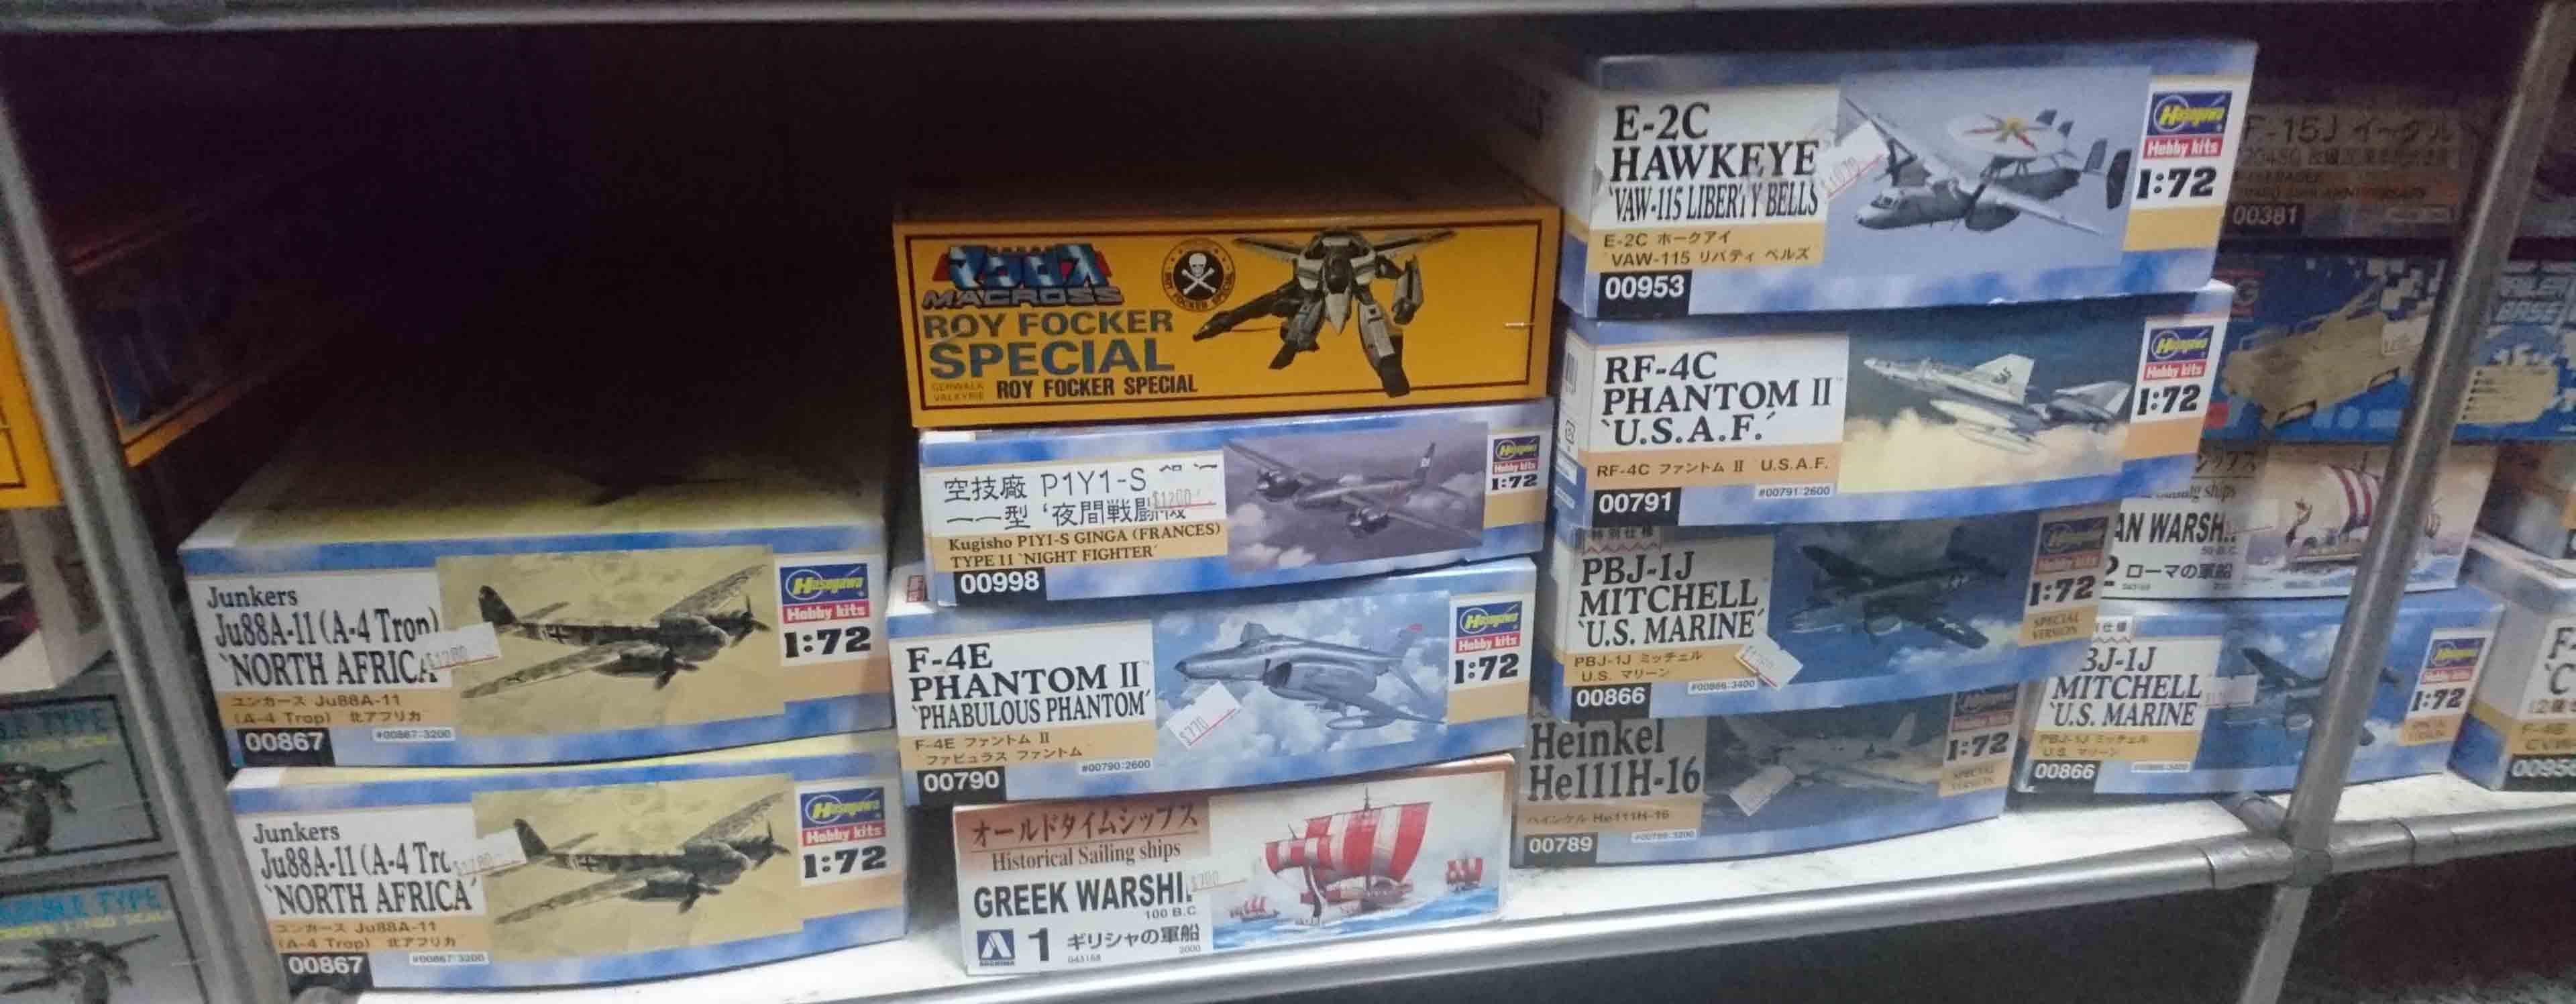 飛機類組裝模型,益祥模型玩具外盒實拍照片。